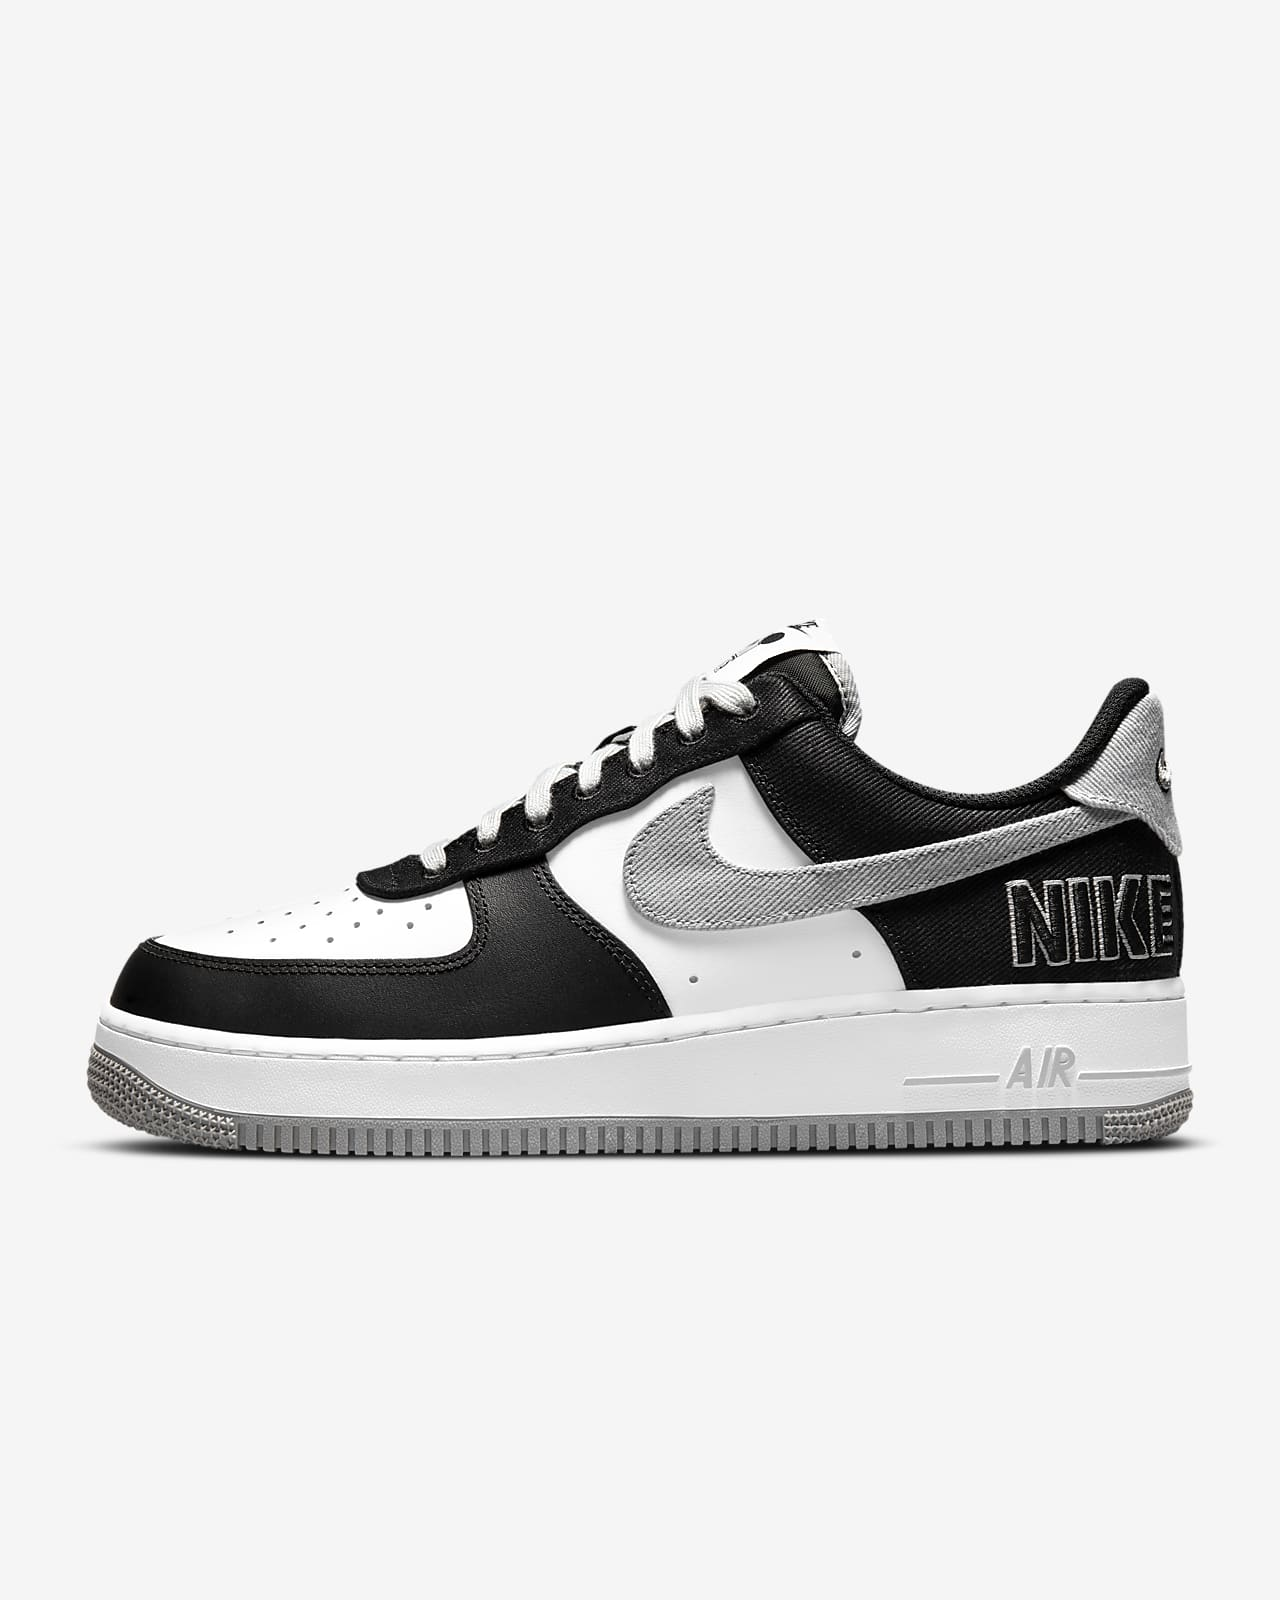 Nike Air Force 1 '07 EMB Men's Shoe